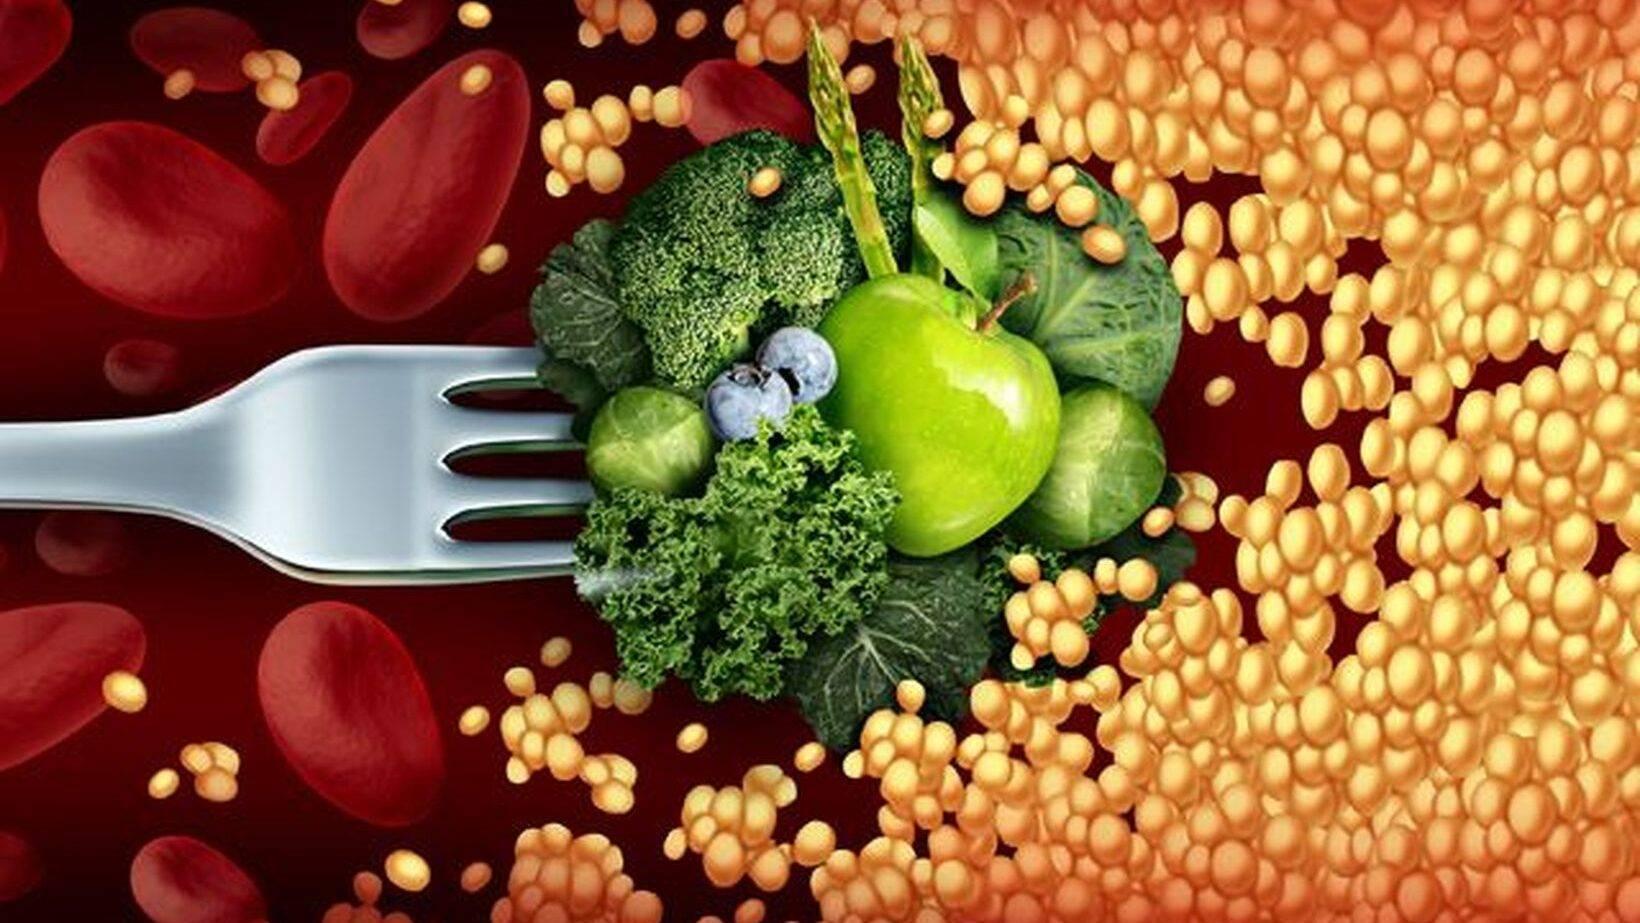 Повышенный холестерин в крови – что это значит? причины повышенного холестерина, как лечить?